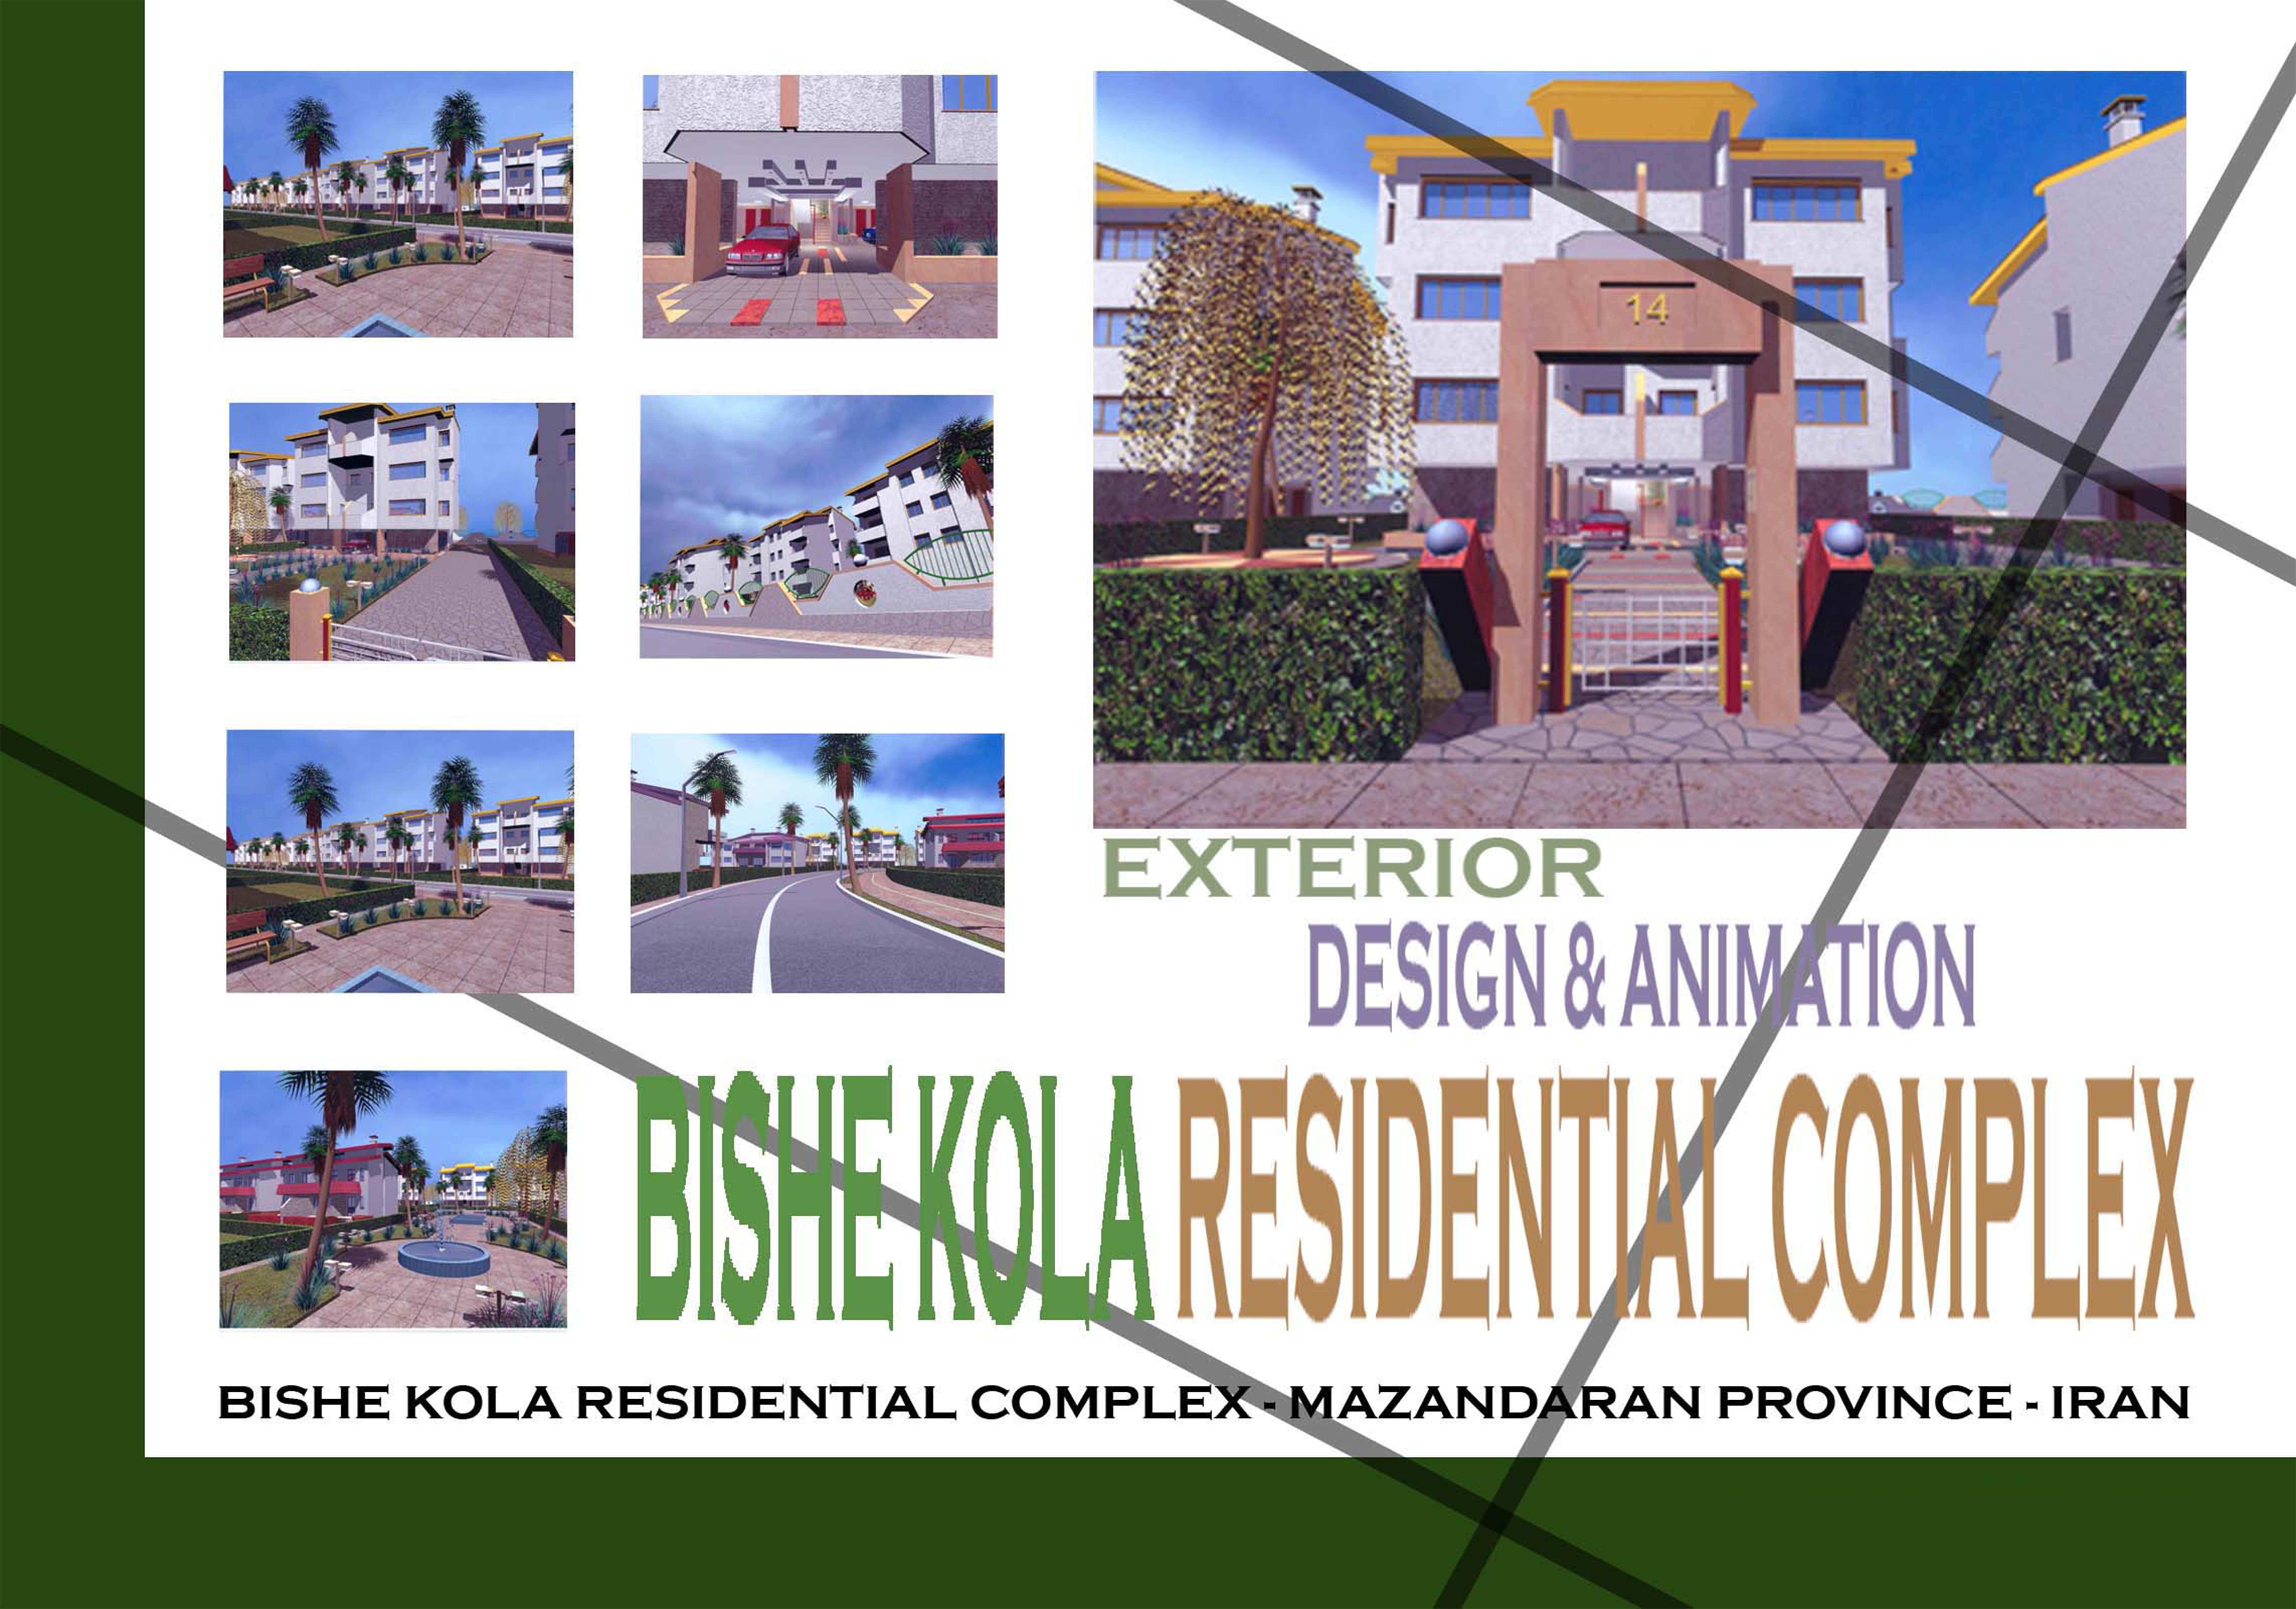 Bishekola Residential Complex Animation-Exterior